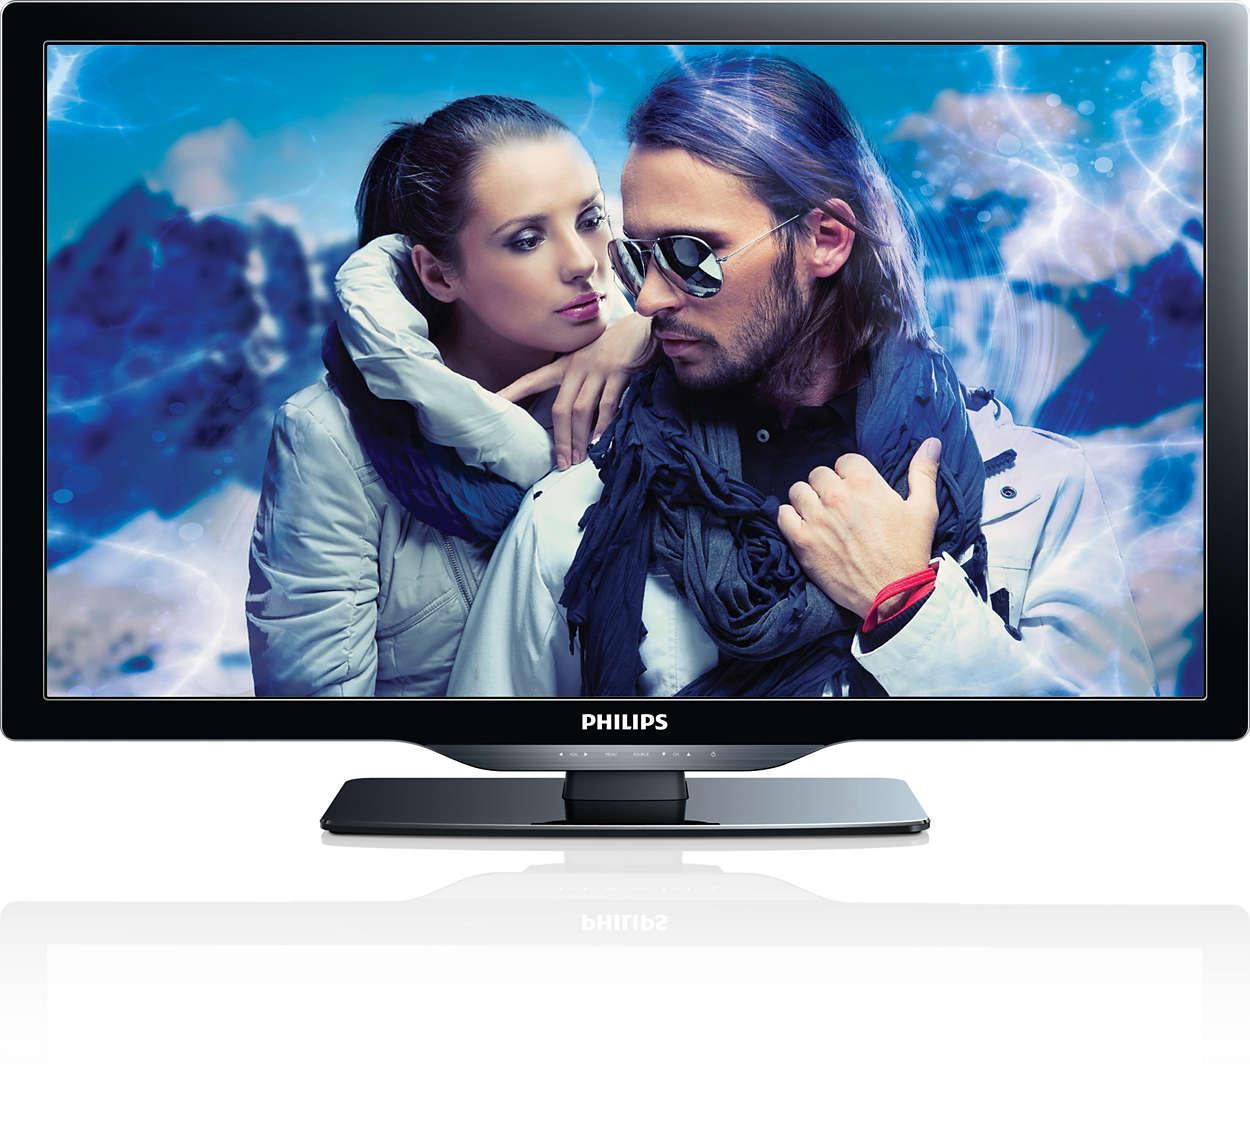 Philips 3000 Series Led Tv 32 Review Mobile Movie 16 December 32pha4100s 70 Inch Slim Ali Pa Napiite Svojo Oceno Zvuk A 81 Cm Tenk Ledphilips 32pha3052 71